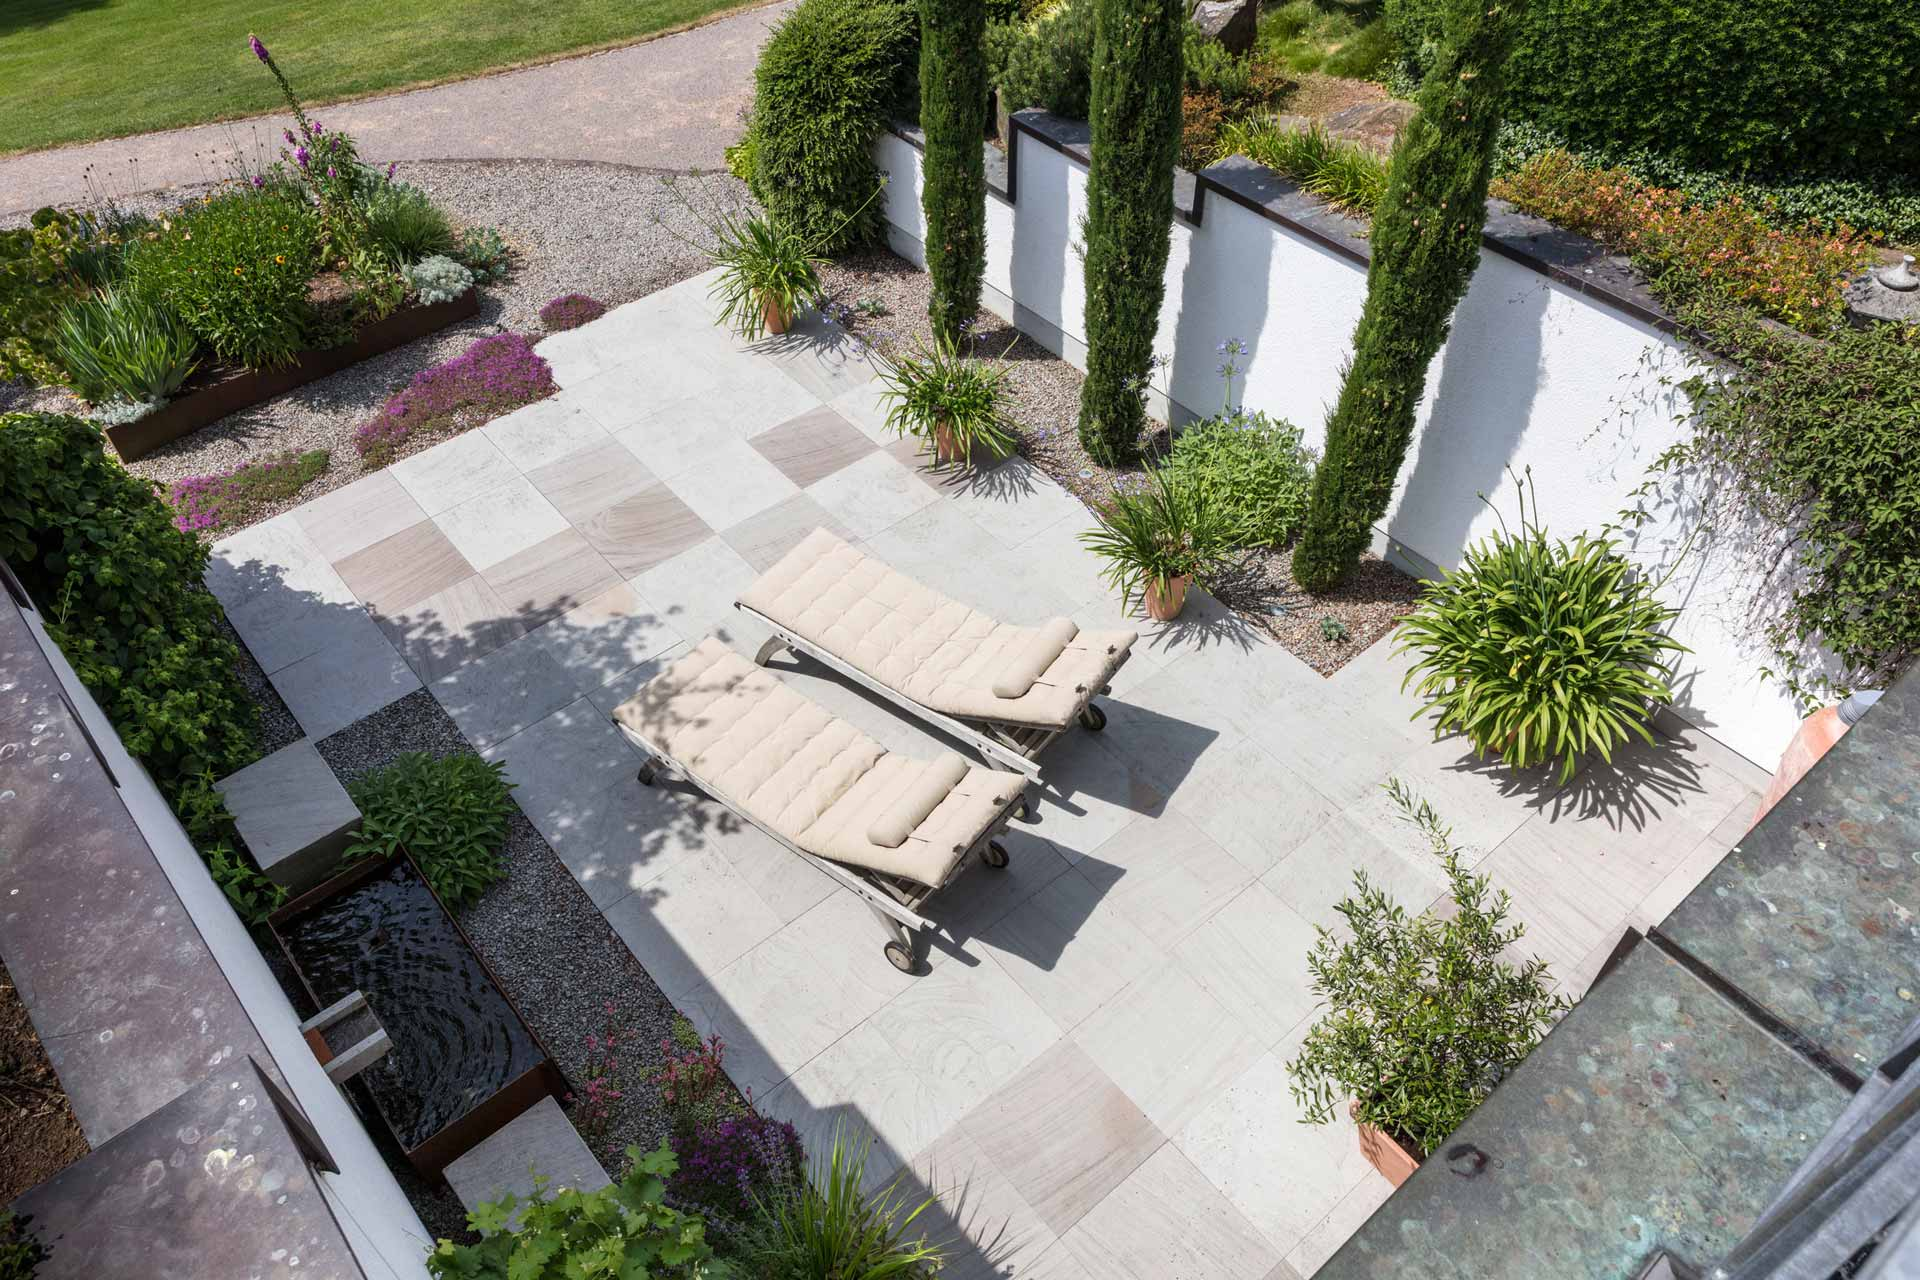 Wilmes Gartenbau und Landschaftsbau. Seit 1947 Ihr Ansprechpartner für Pflege, Planung und Gestaltung von Grünanlagen.